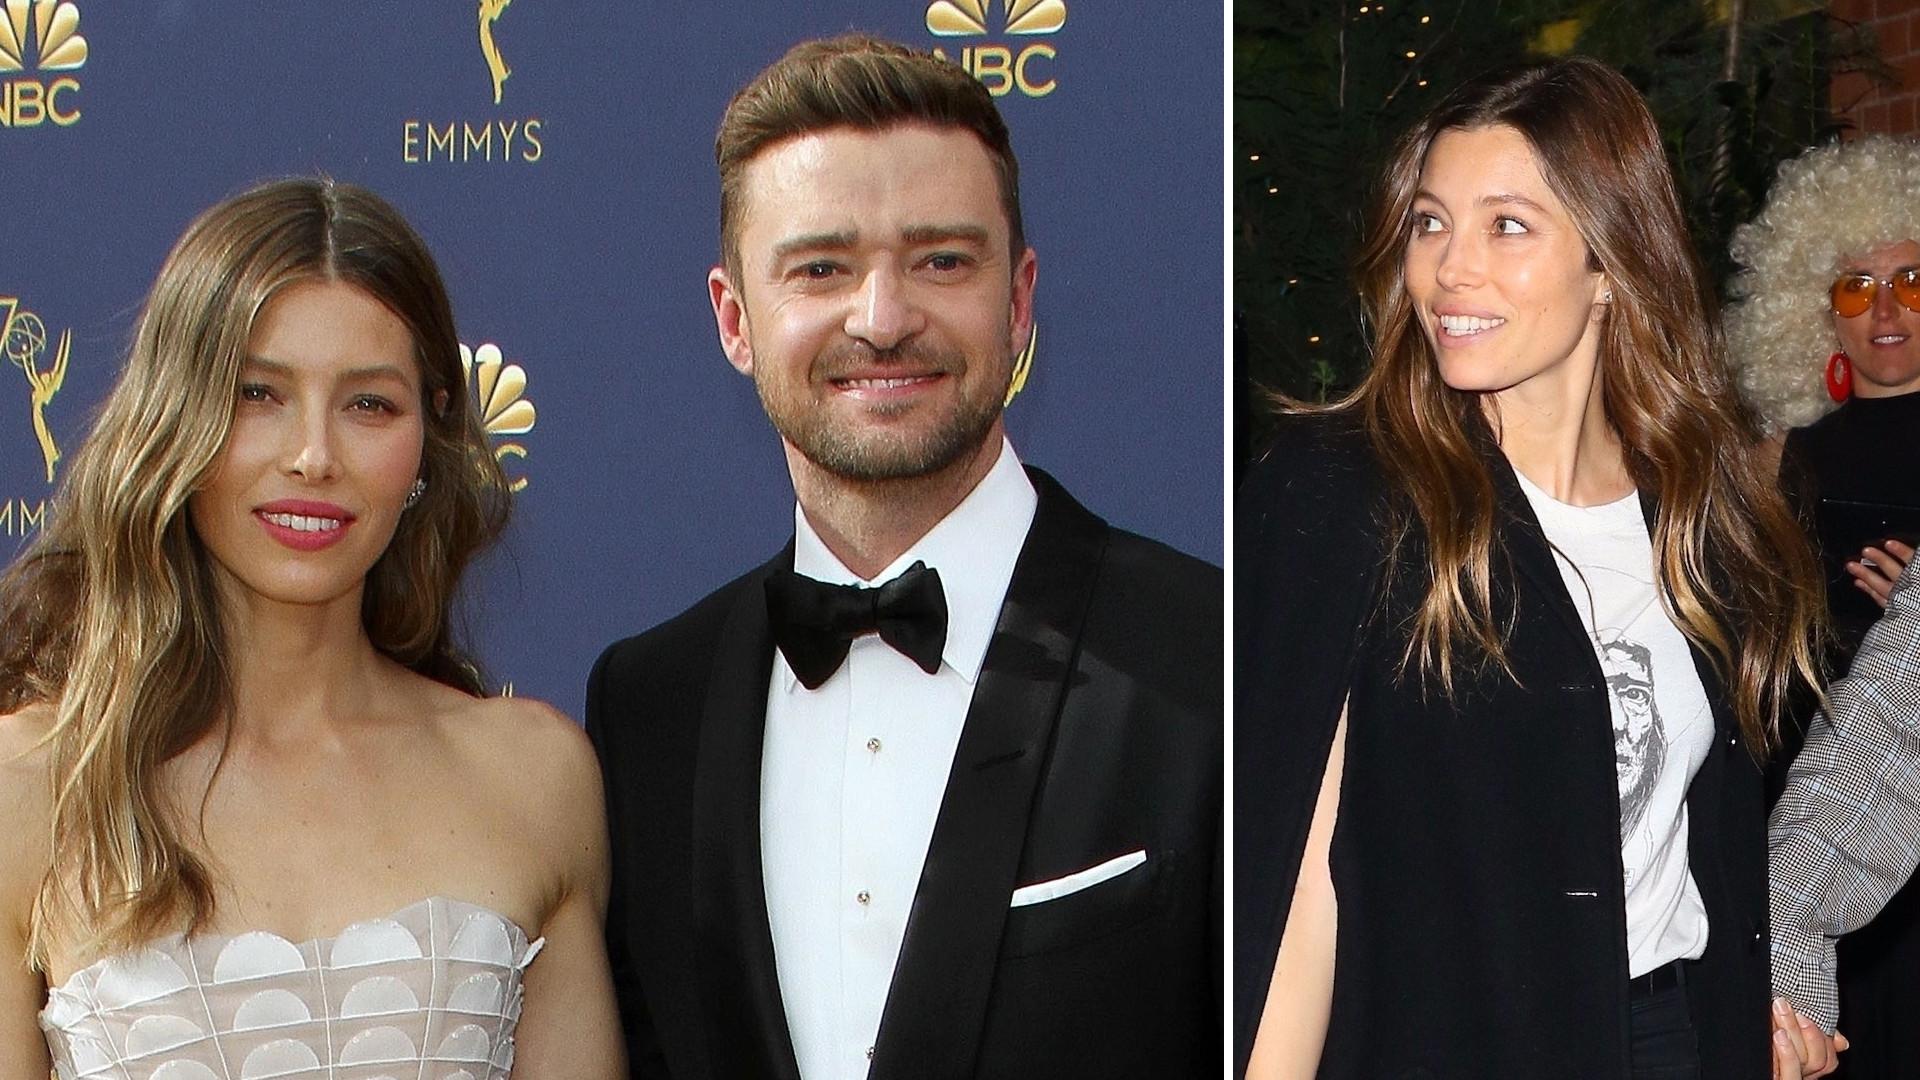 Justin Timberlake po obejrzeniu nagrania od żony: ROZWALIŁAŚ MNIE tą wiadomością. Tak bardzo cię kocham